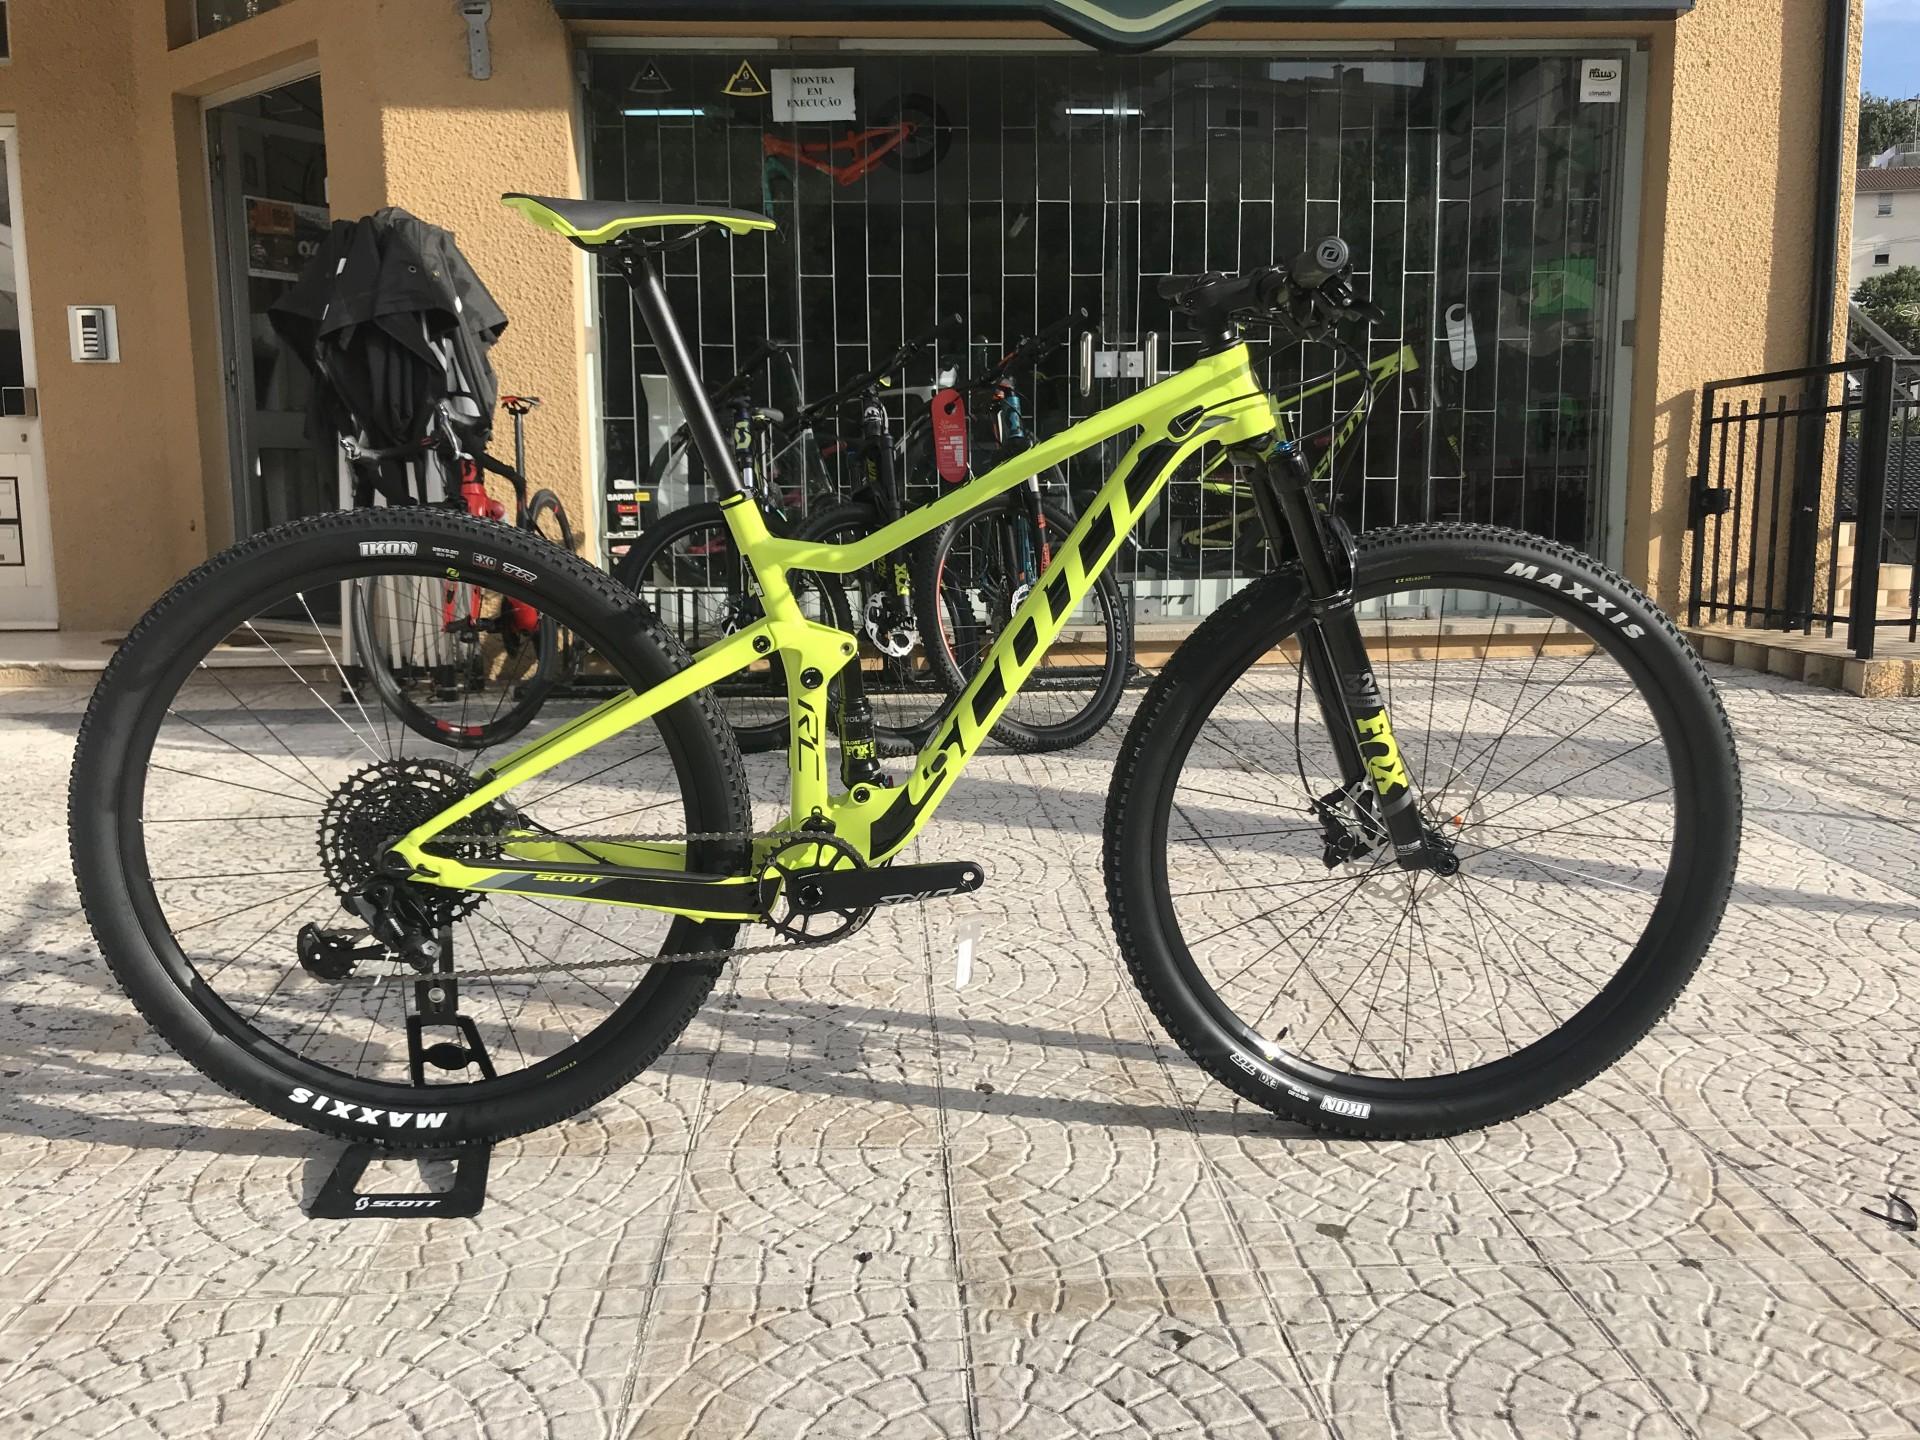 BICICLETA SCOTT SPARK RC 900 COMP - 2019